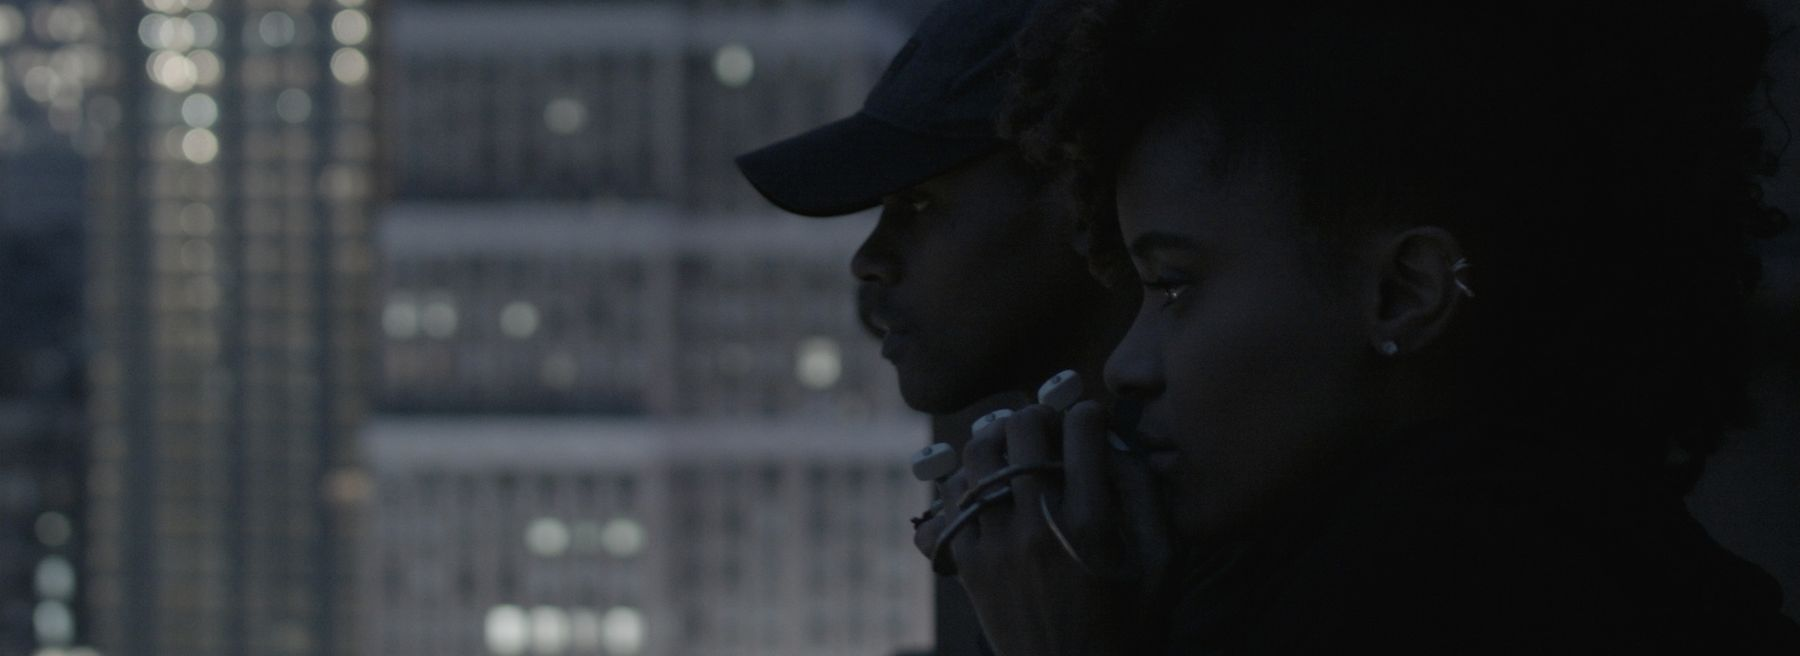 52ая улица нью-йорк документалистика